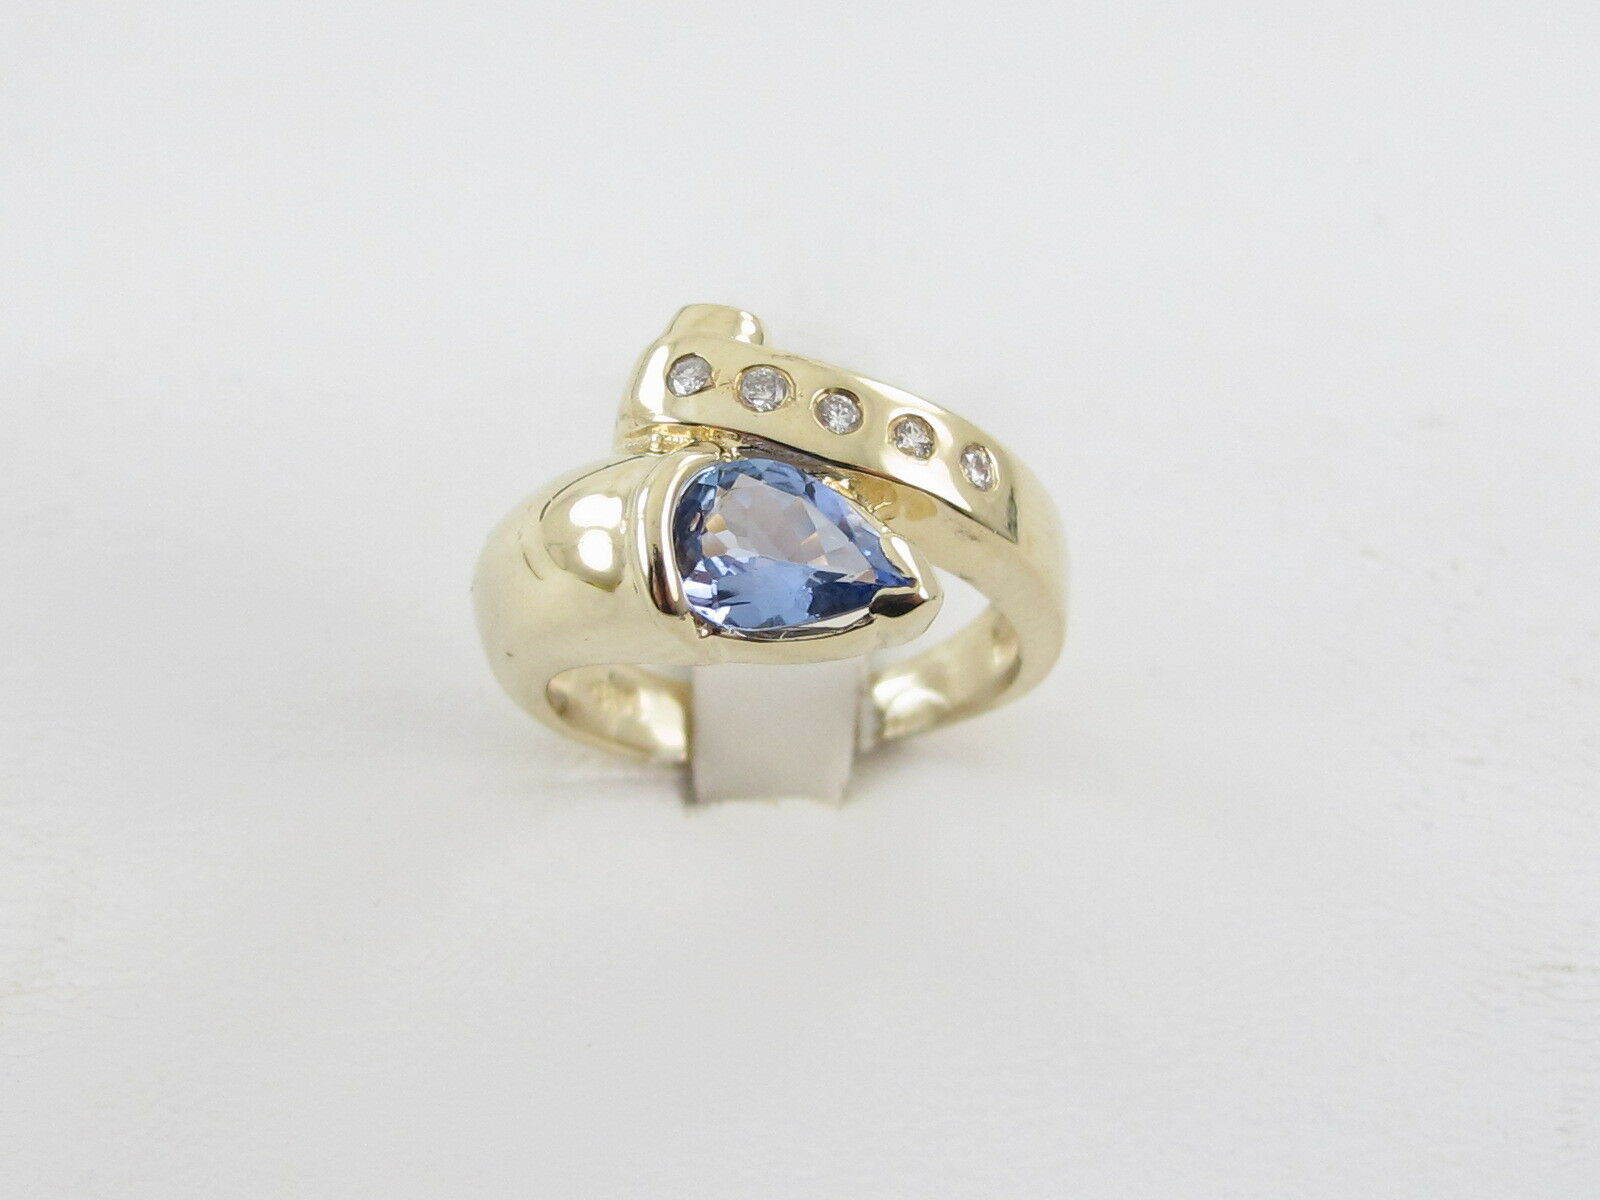 14k Yellow gold Sneak Style Diamond And Tanzanite Ring Size 6 1 2 1.20 carats